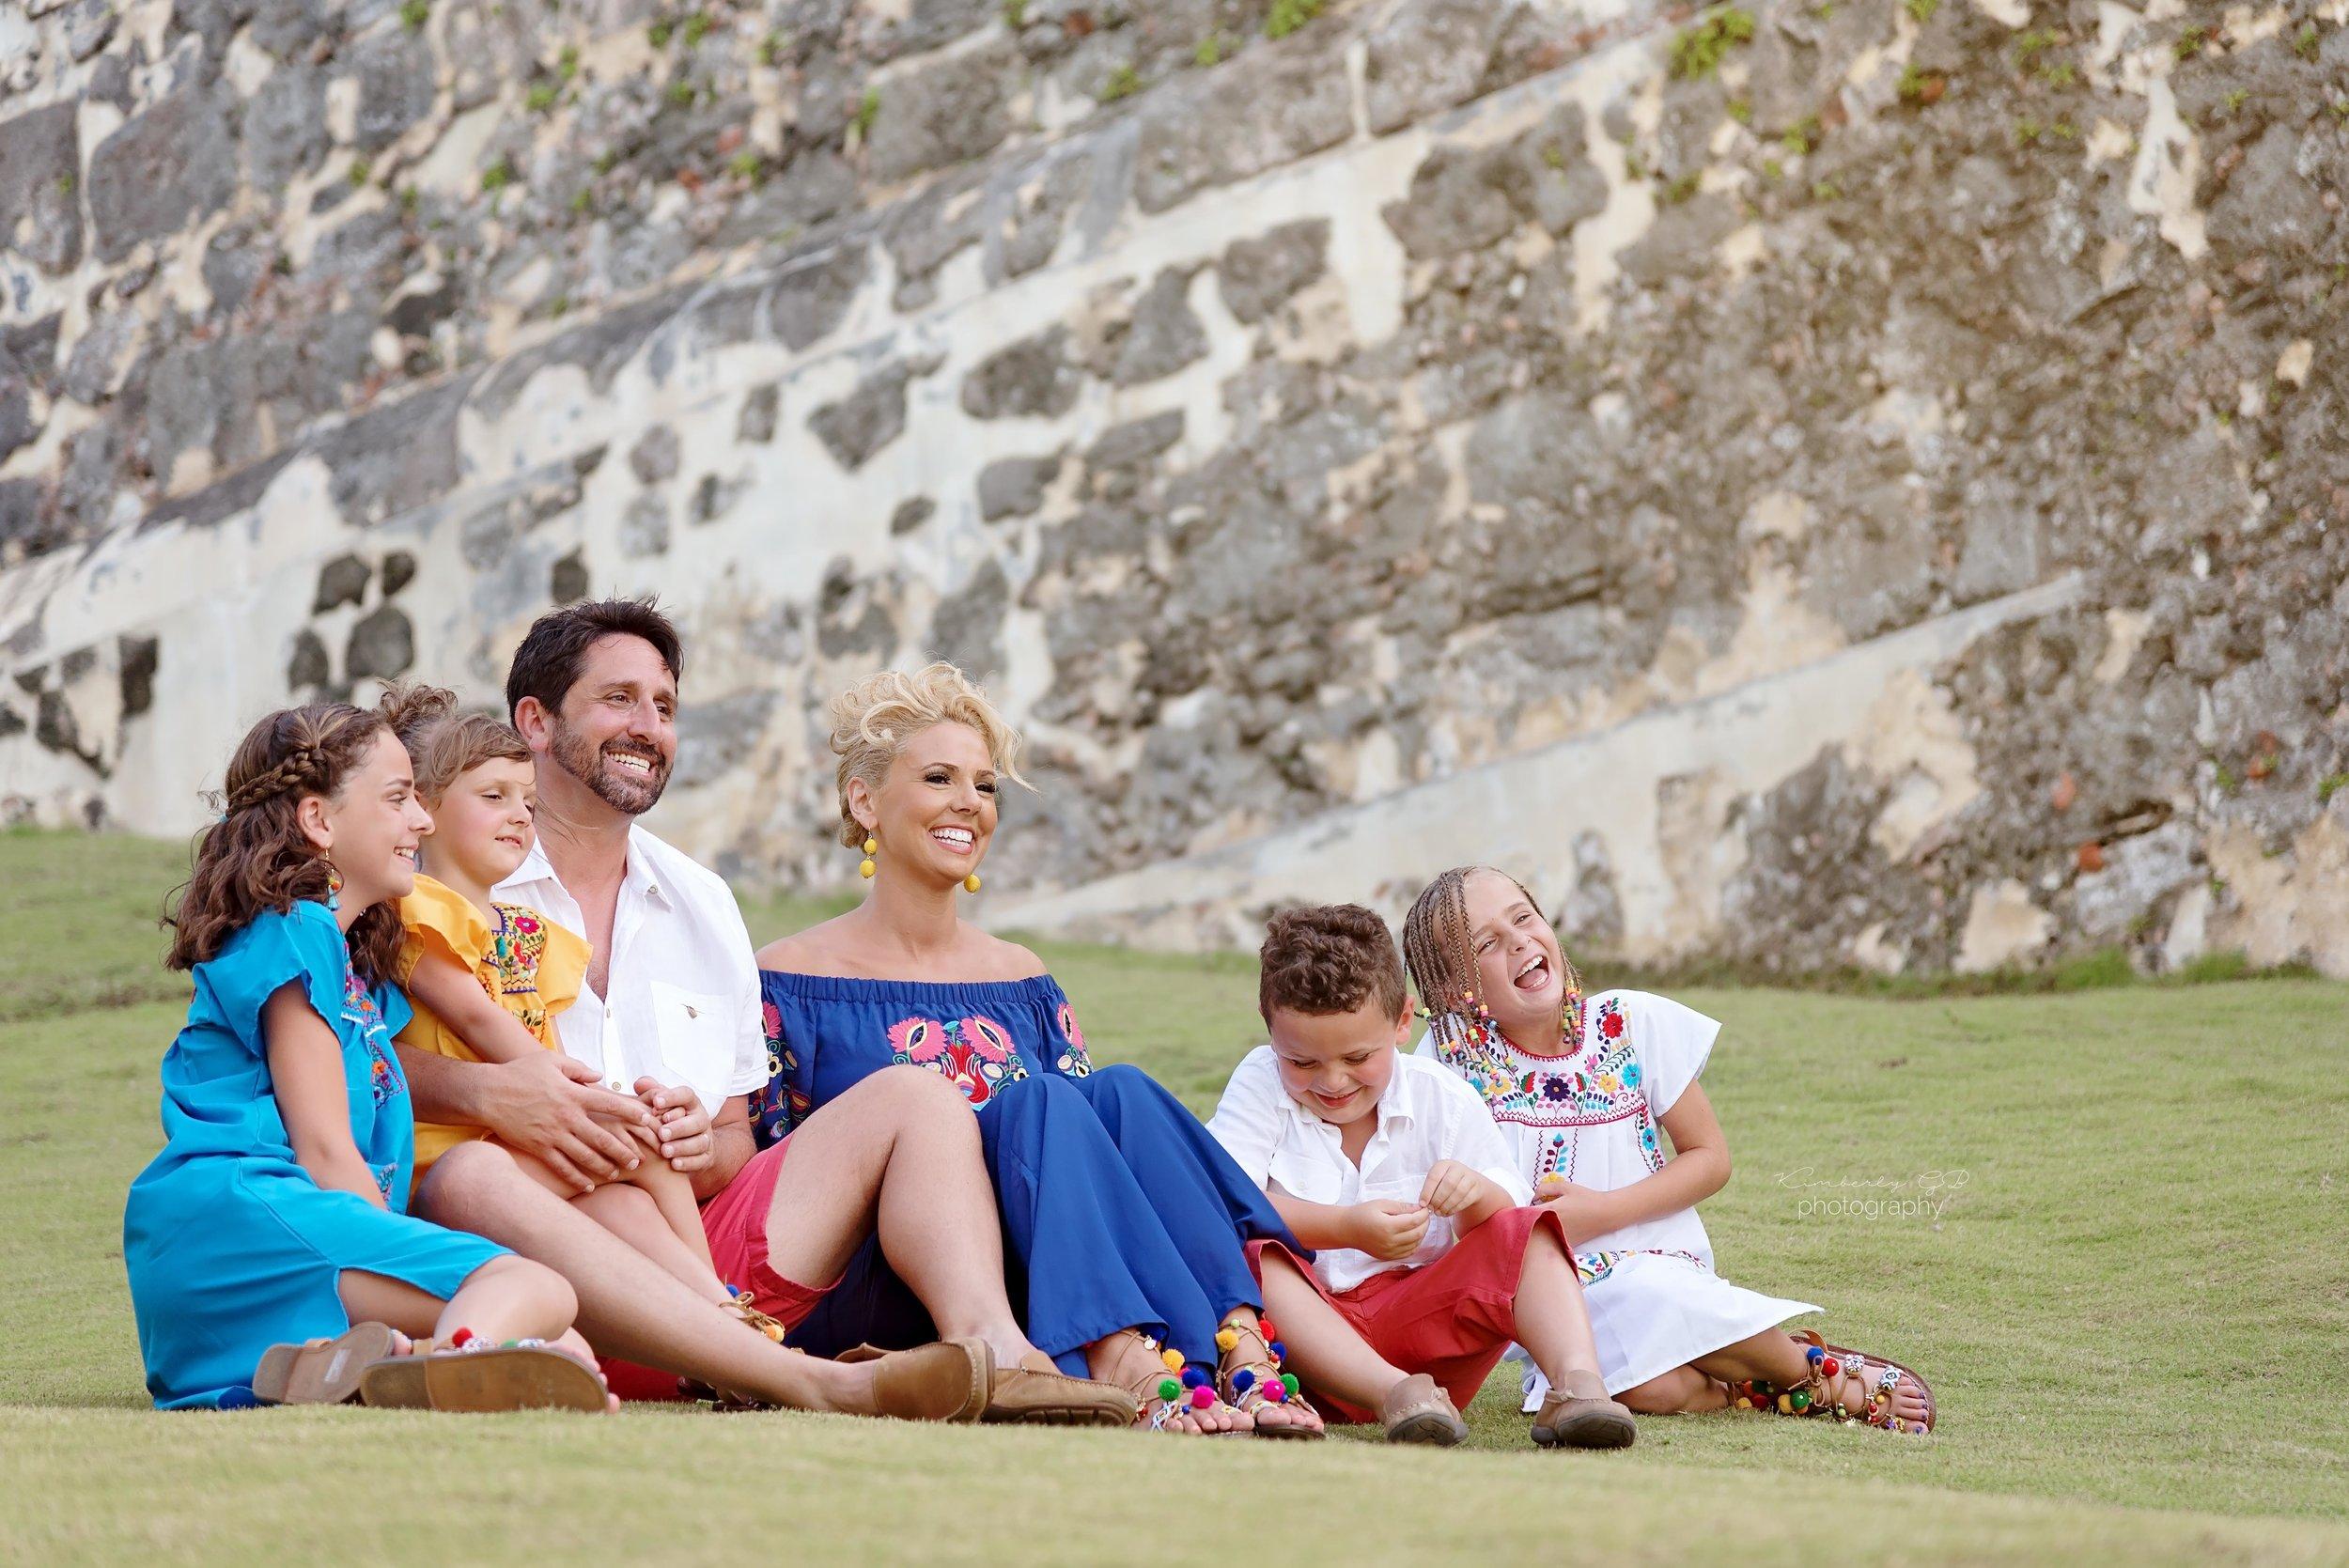 kimberly-gb-photography-fotografa-portrait-retrato-family-familia-puerto-rico-59.jpg